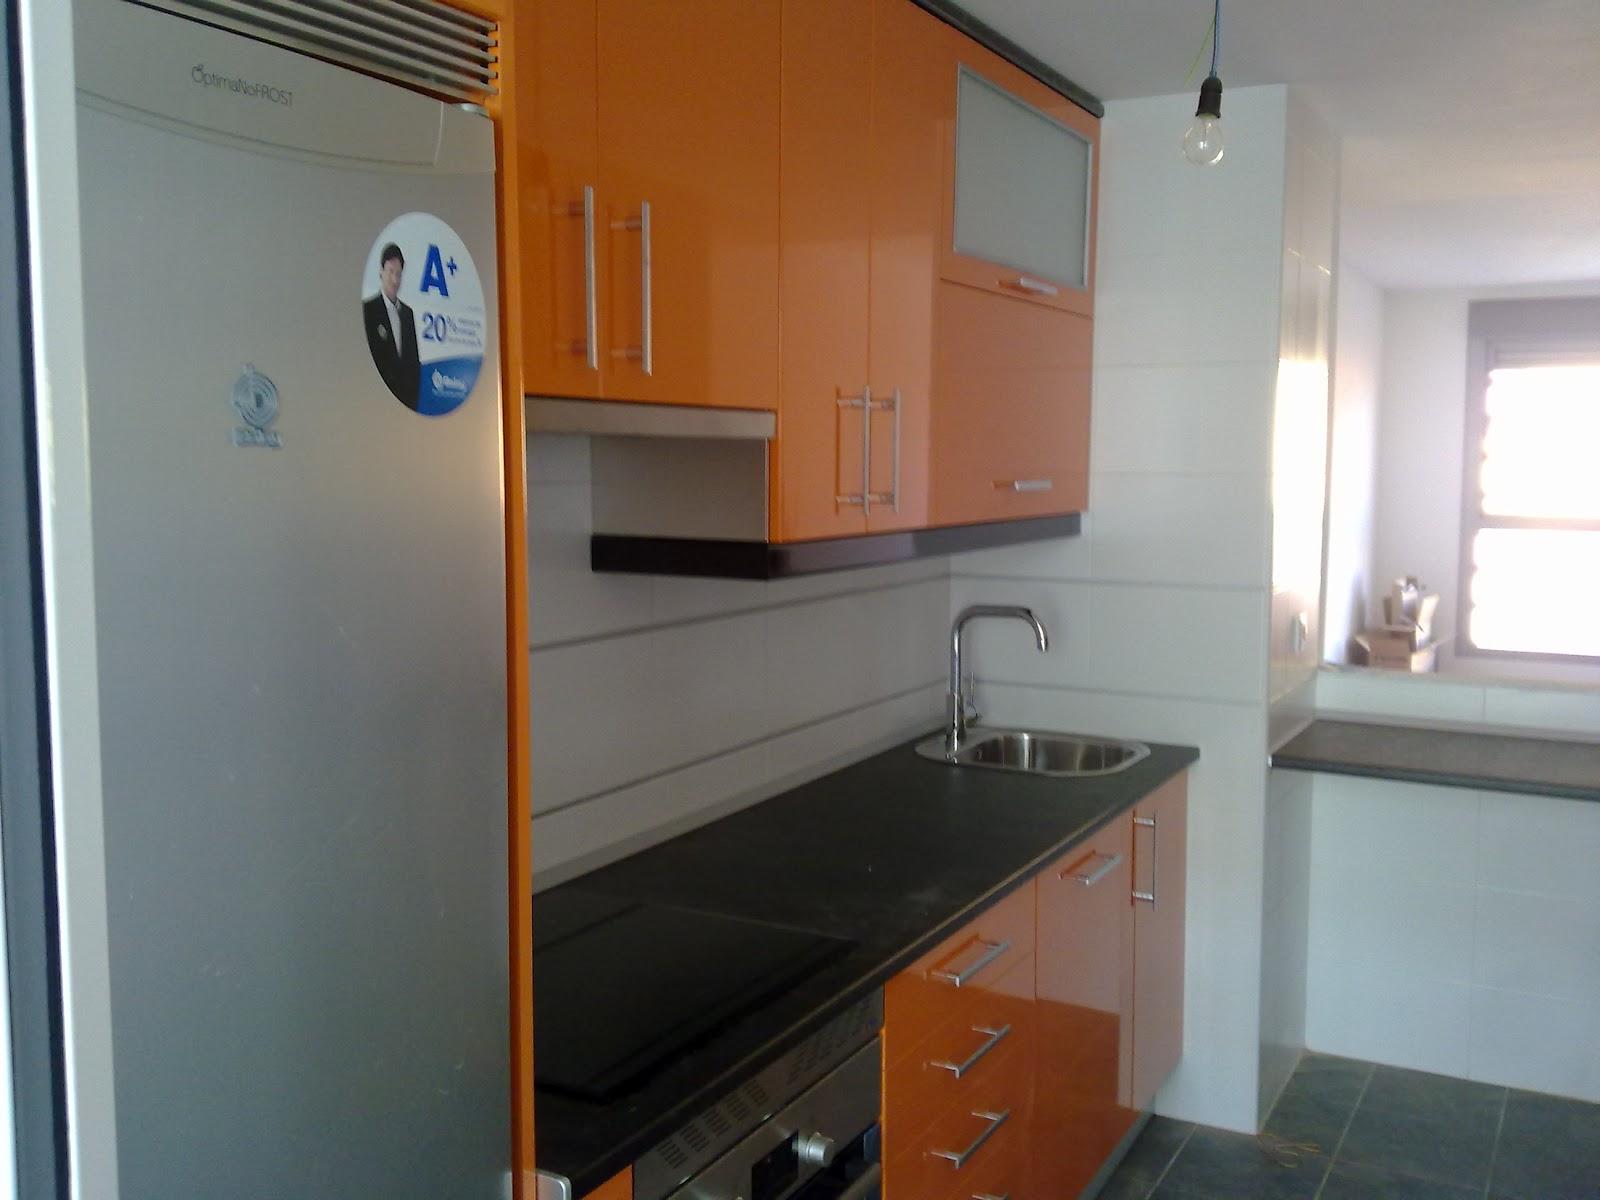 Laminado alto brillo naranja remates y encimera negro - Remates encimeras cocinas ...